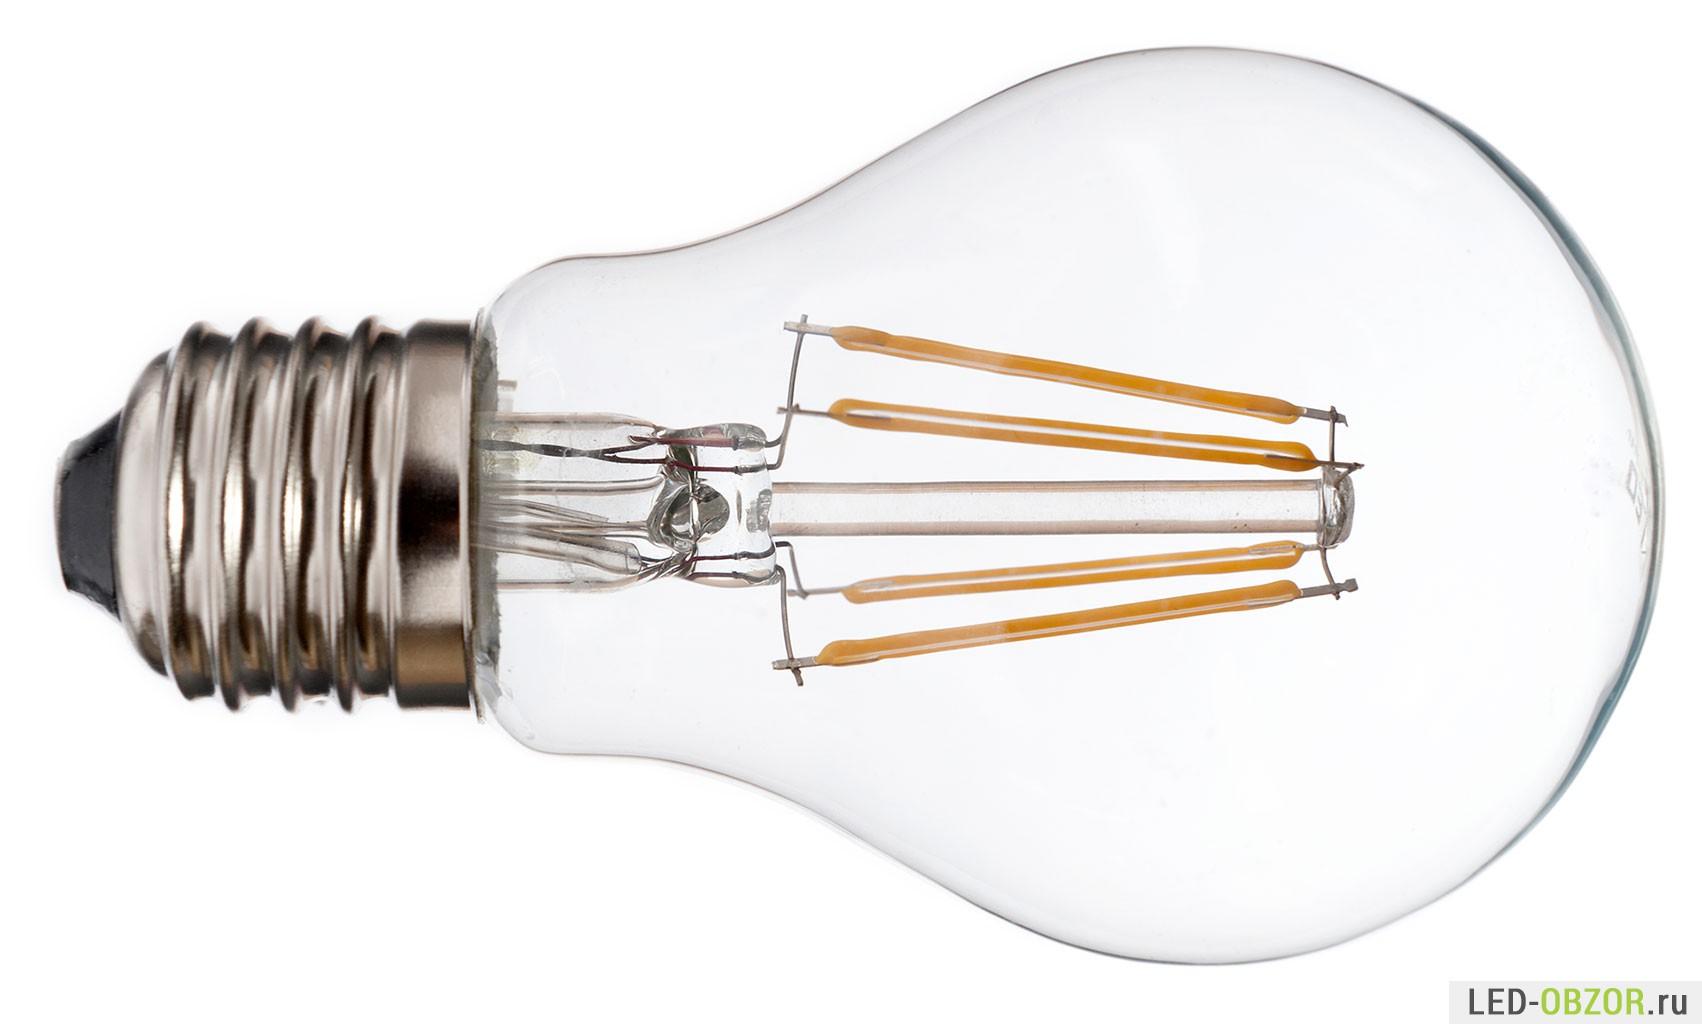 Пример Филамент лампы без ободка, в которой видимо нет драйвера